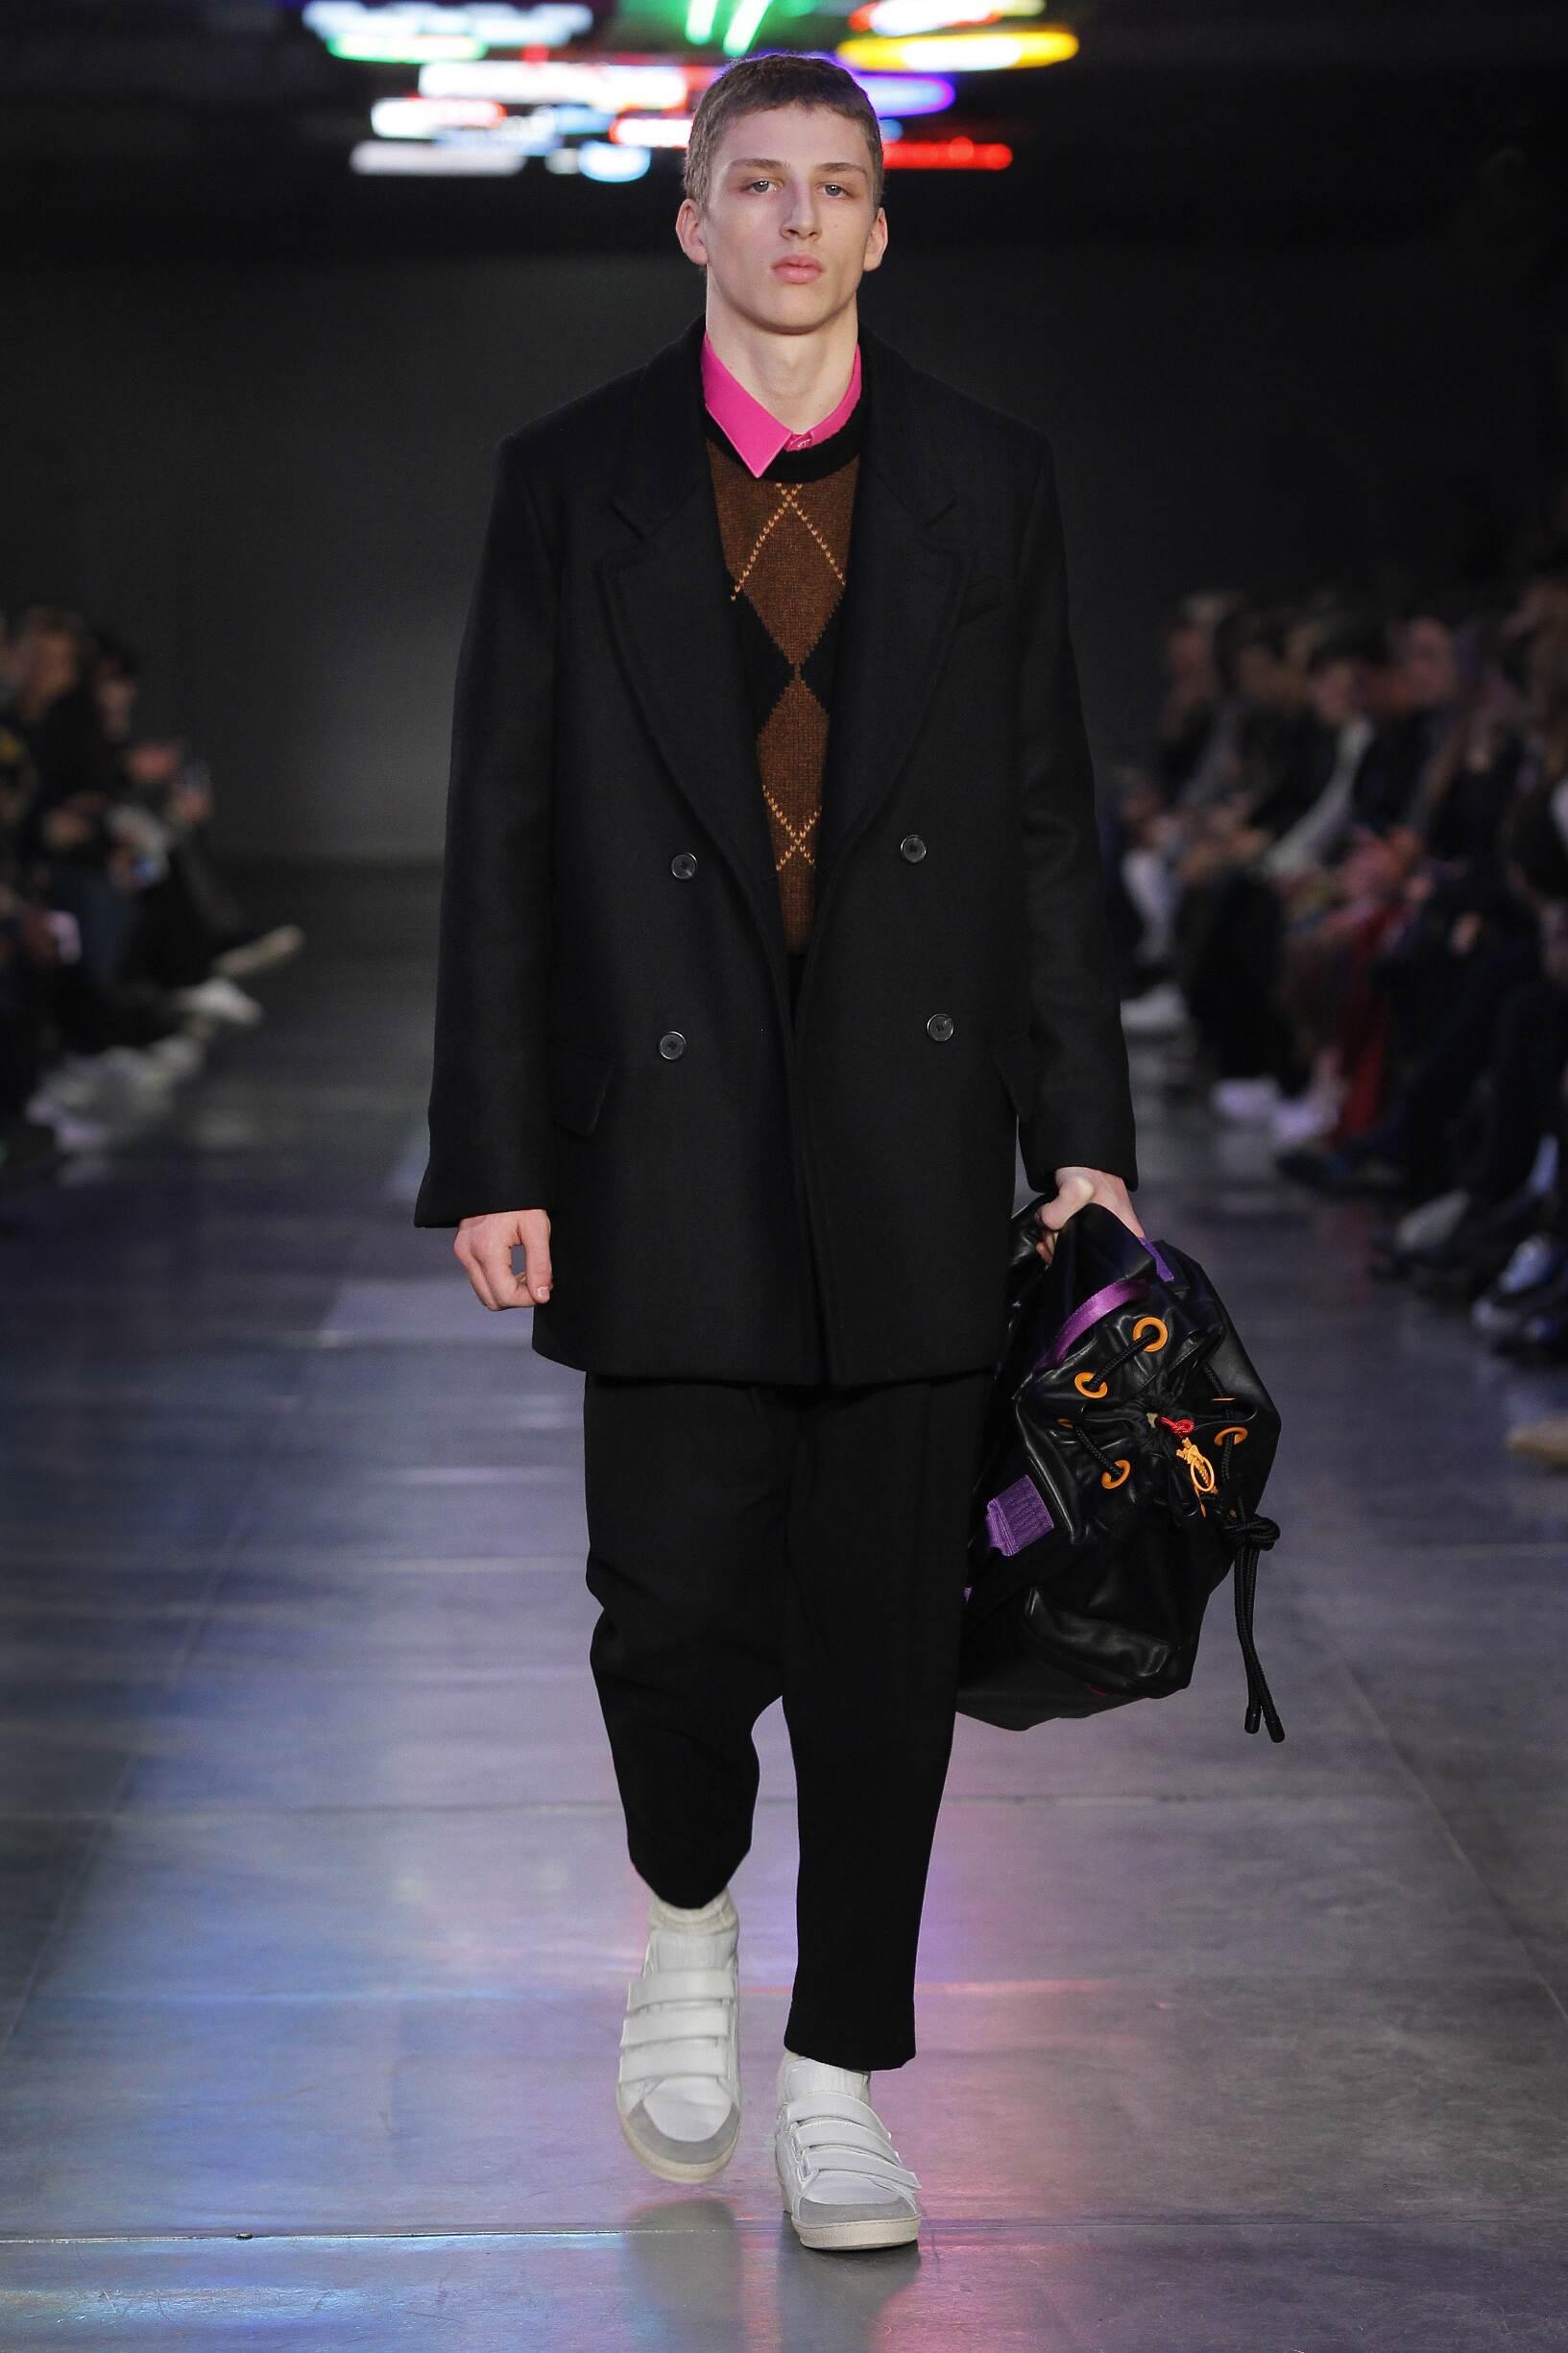 Fashion Model Ami Catwalk